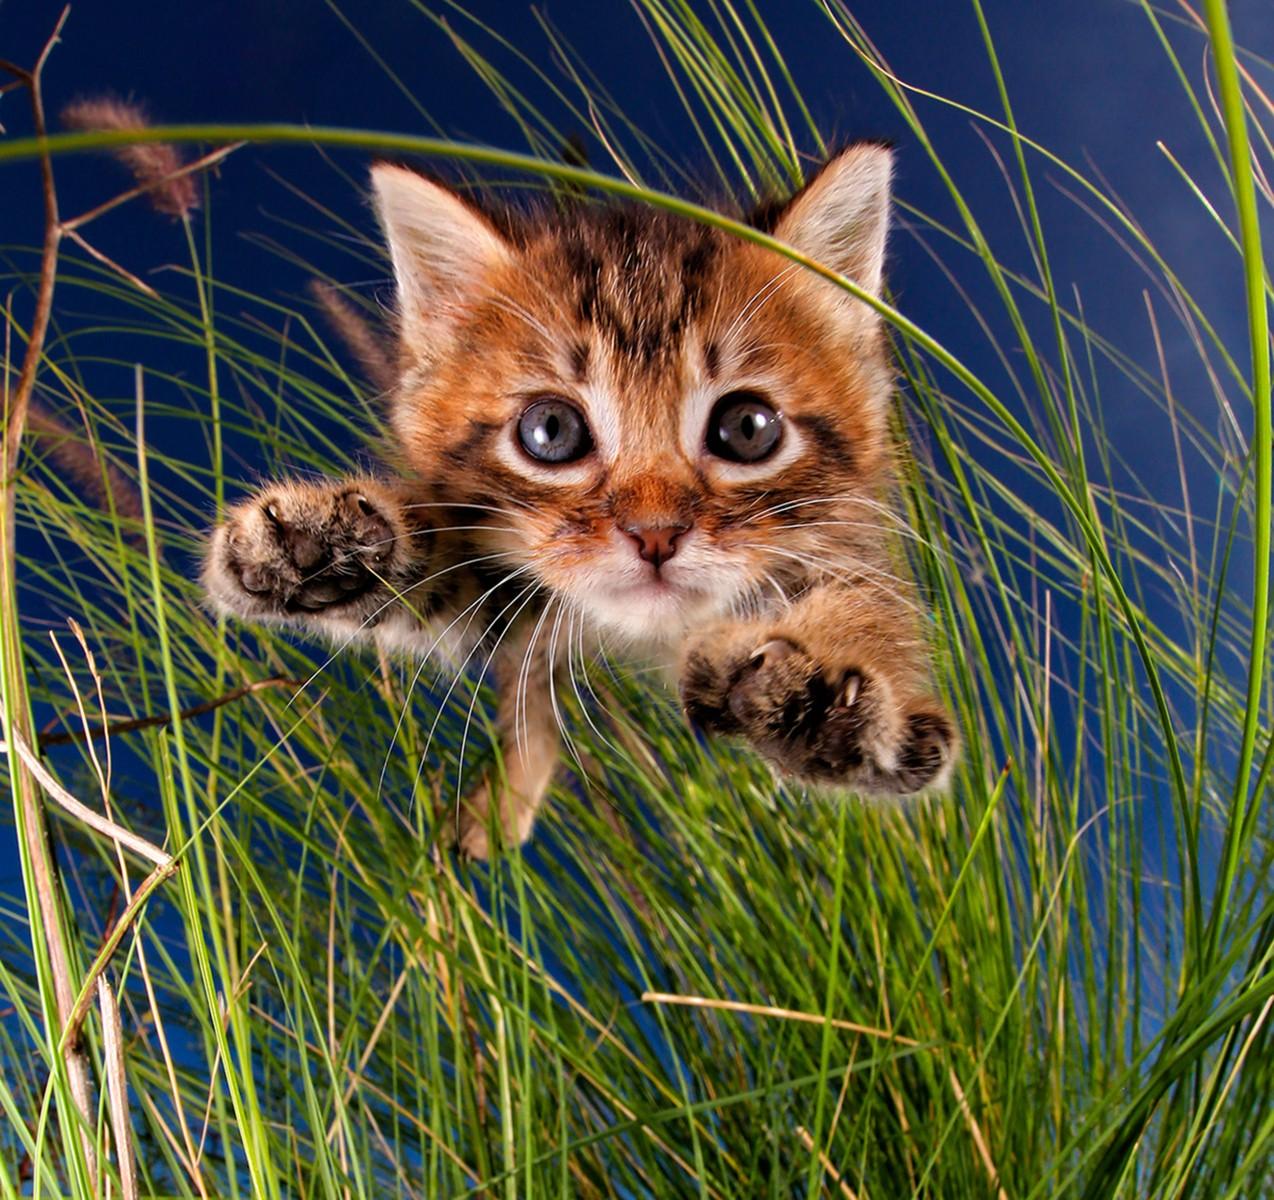 cat cartoon images